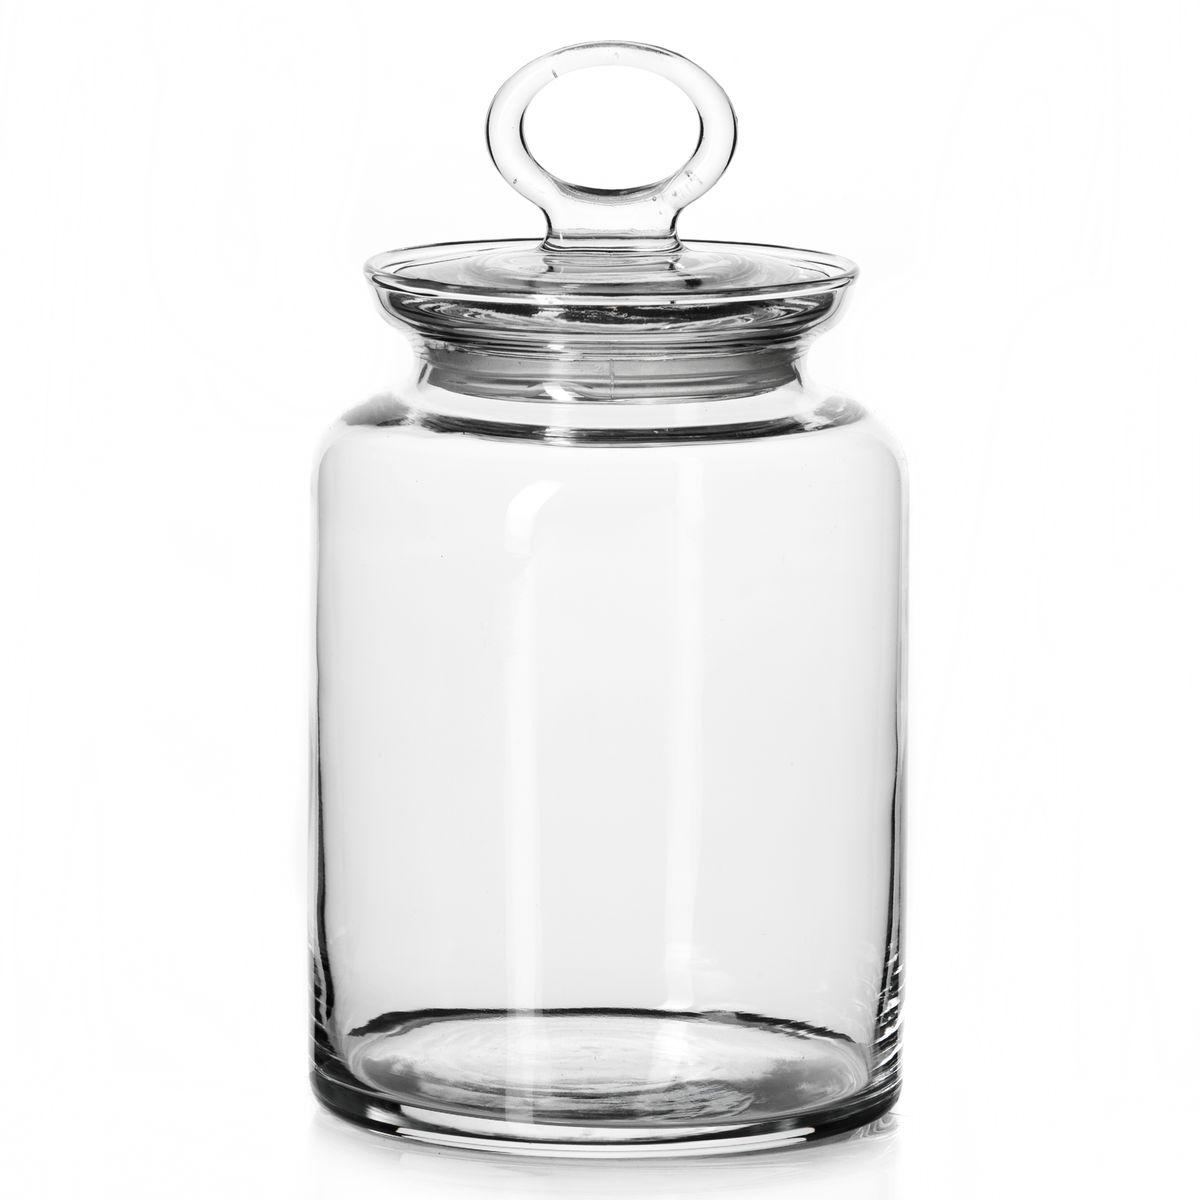 Банка для сыпучих продуктов Pasabahce Kitchen с крышкой, 1,5 лВетерок-2 У_6 поддоновБанка Pasabahce Kitchen выполнена из прочного натрий-кальций-силикатного стекла. Банка оснащена крышкой с ручкой-кольцом и силиконовой вставкой, обеспечивающей плотное прилегание крышки. В такой банке удобно хранить, крупы, макароны, печенье и многое другое. Функциональная и практичная, такая банка станет незаменимым аксессуаром на вашей кухне.Объем банки: 1,5 л.Диаметр банки по верхнему краю: 9,5 см.Высота банки (без учета крышки): 17,5 см.Диаметр основания: 11,5 см.